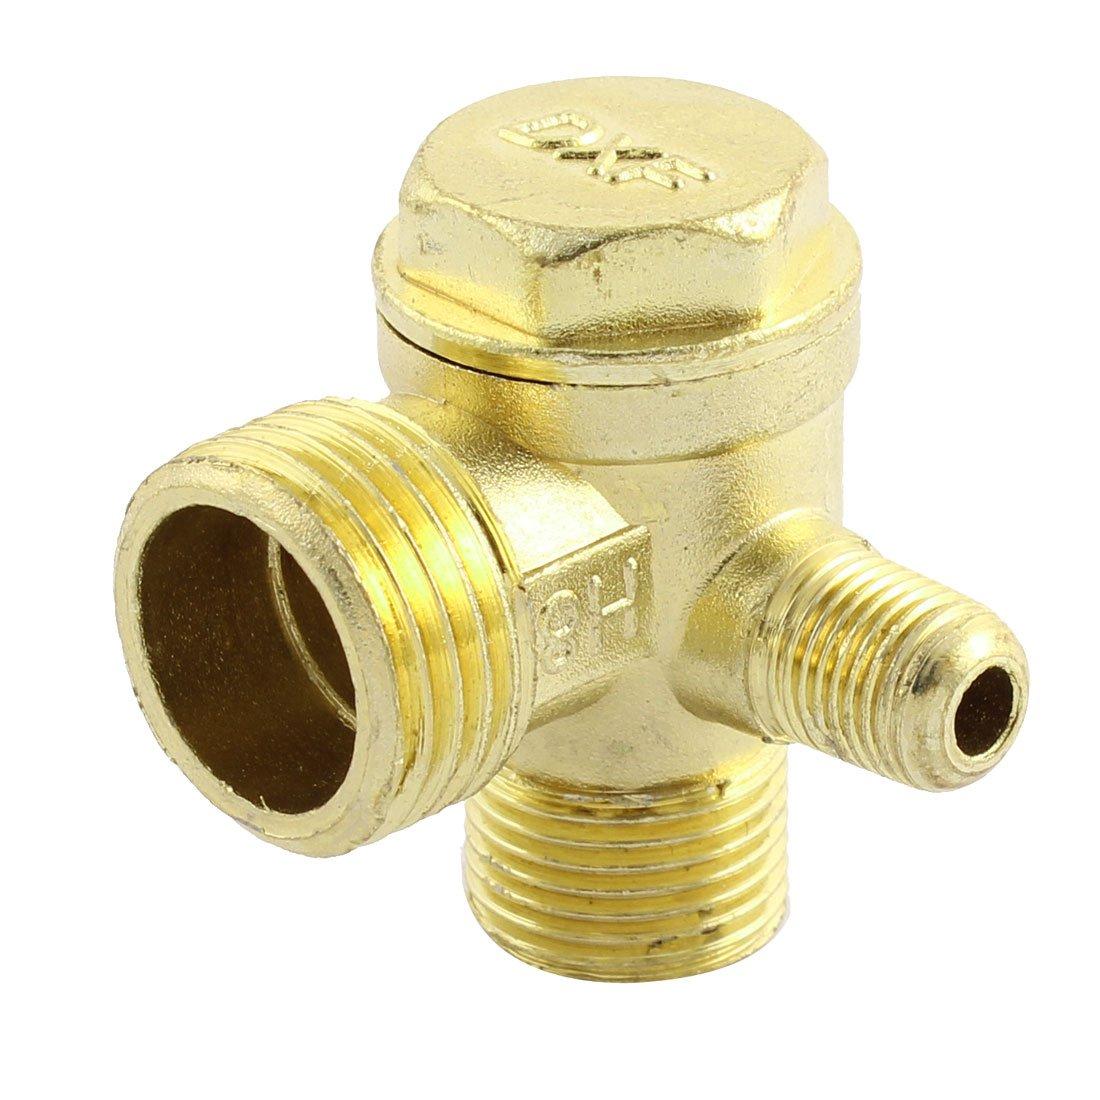 1 portabrocas de sujeci/ón sin llave con orificio c/ónico 1-16 mm B16 para torre el/éctrico taladro capacidad de sujeci/ón